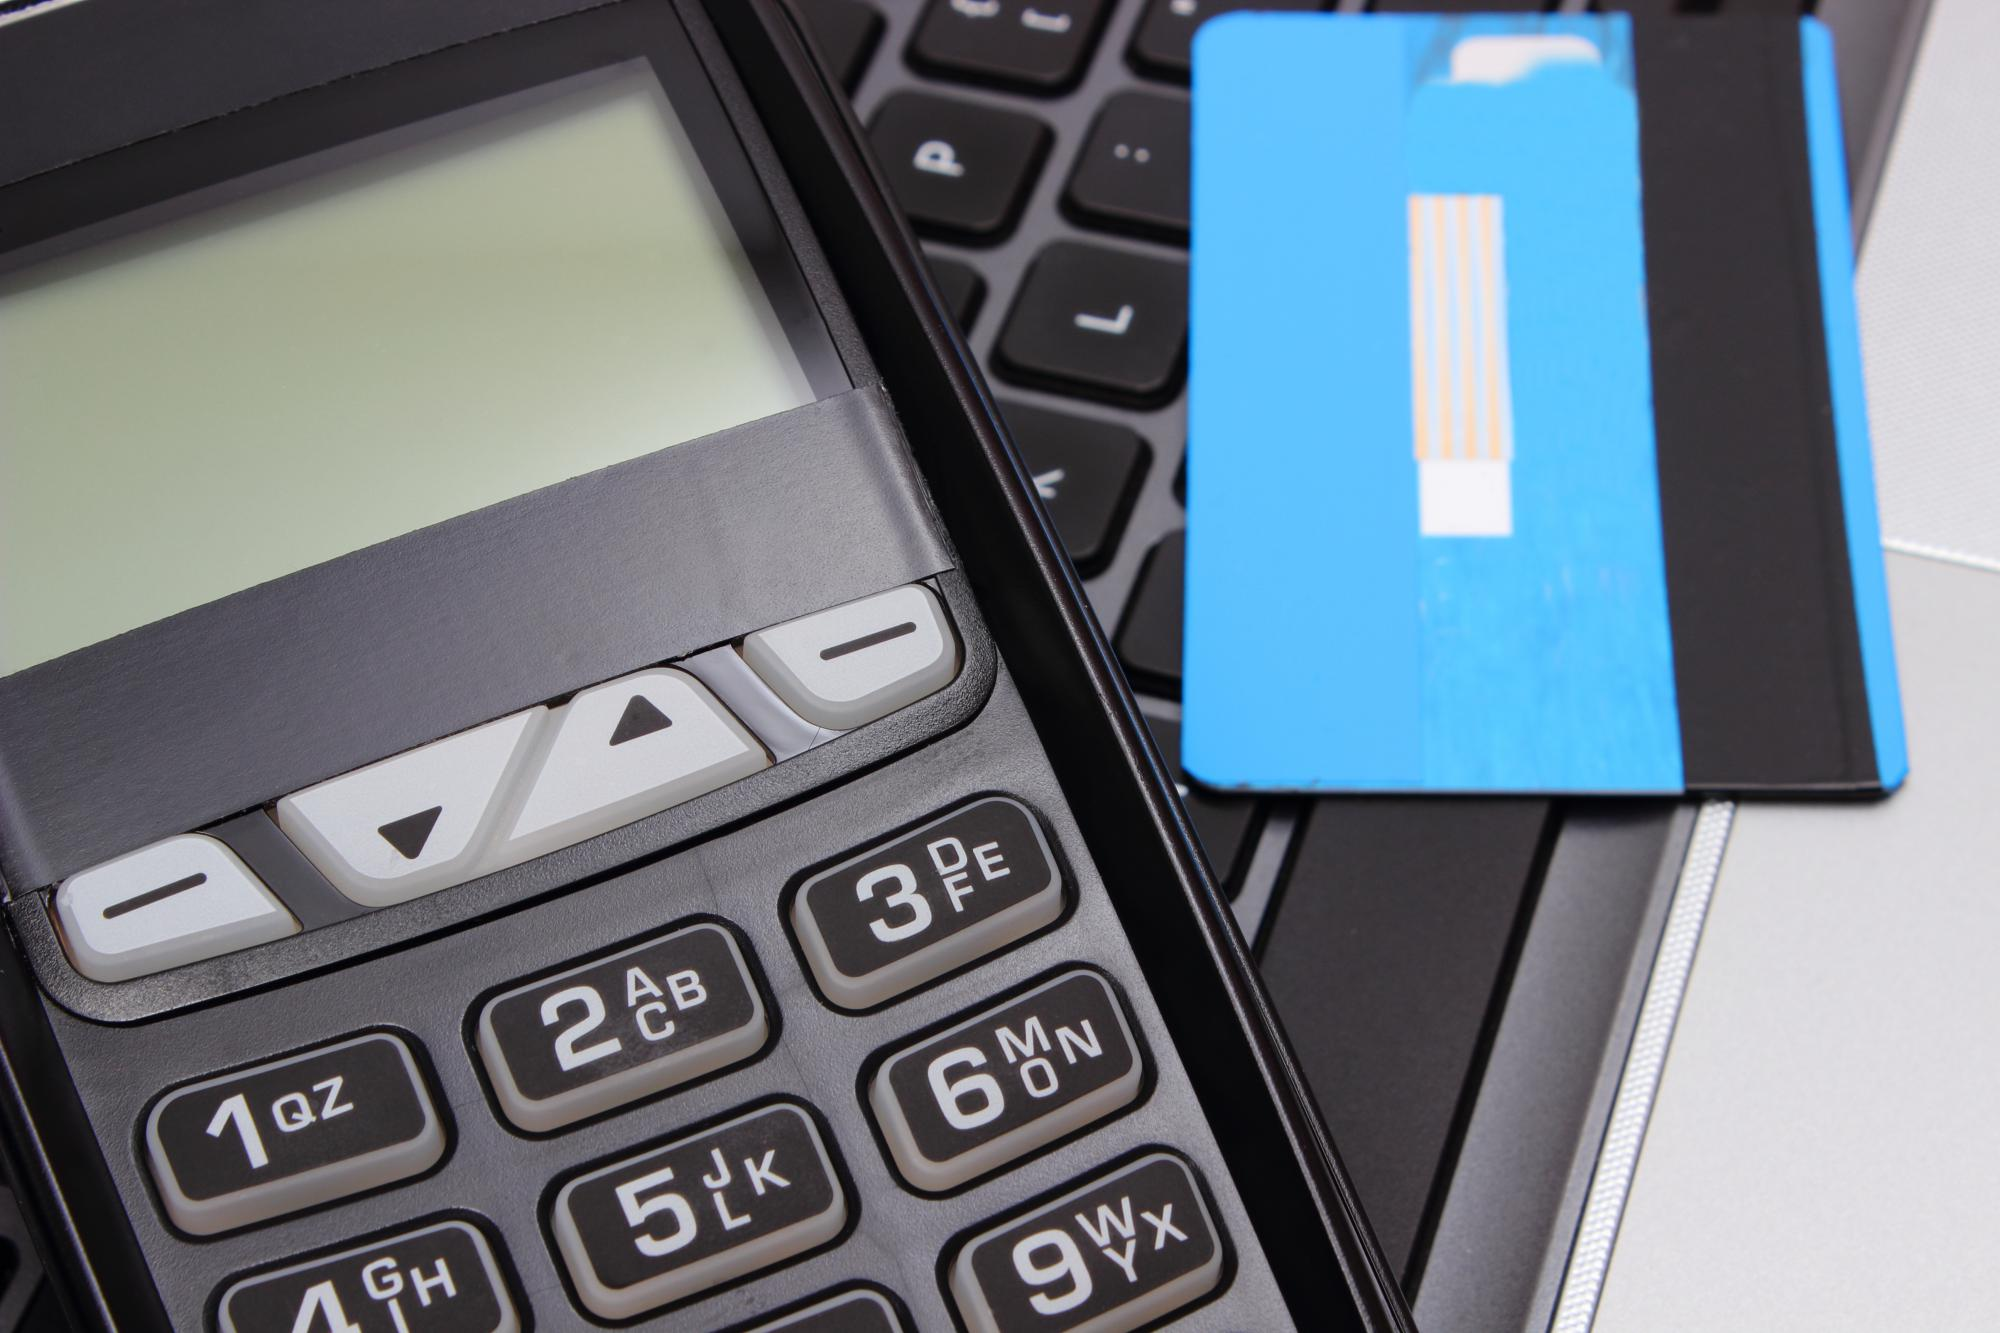 Комиссия за обслуживание зарплатных карт не облагается НДФЛ